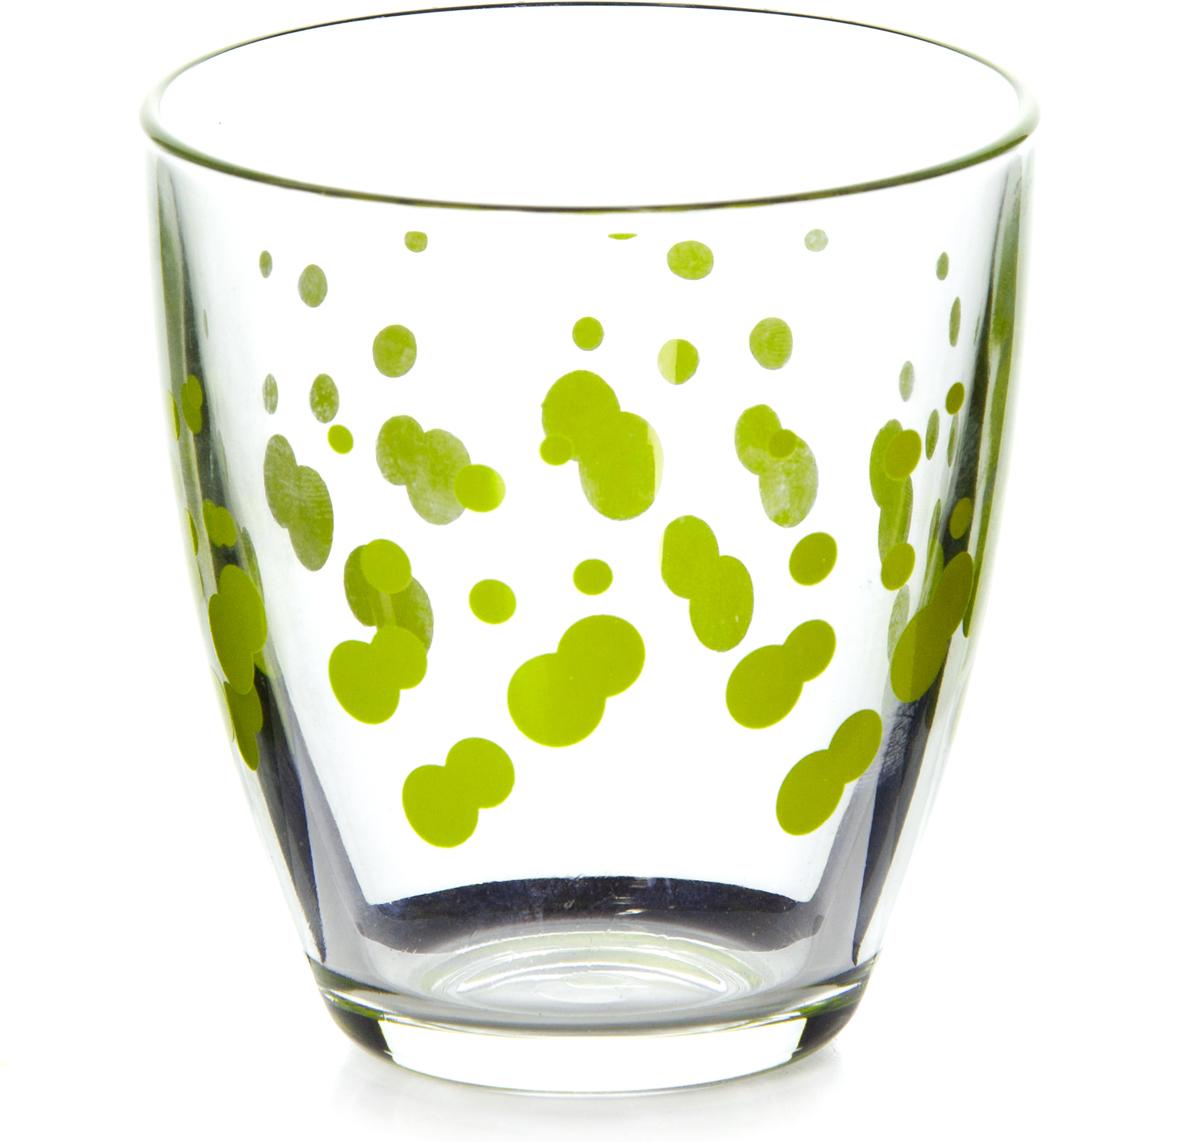 Стакан Pasabahce Джаз, цвет: зеленый, 285 мл52645SLBD6Стакан Pasabahce Джаз выполнен из силикатного стекла. Высота стакана - 90 мм, диаметр - 85 мм.